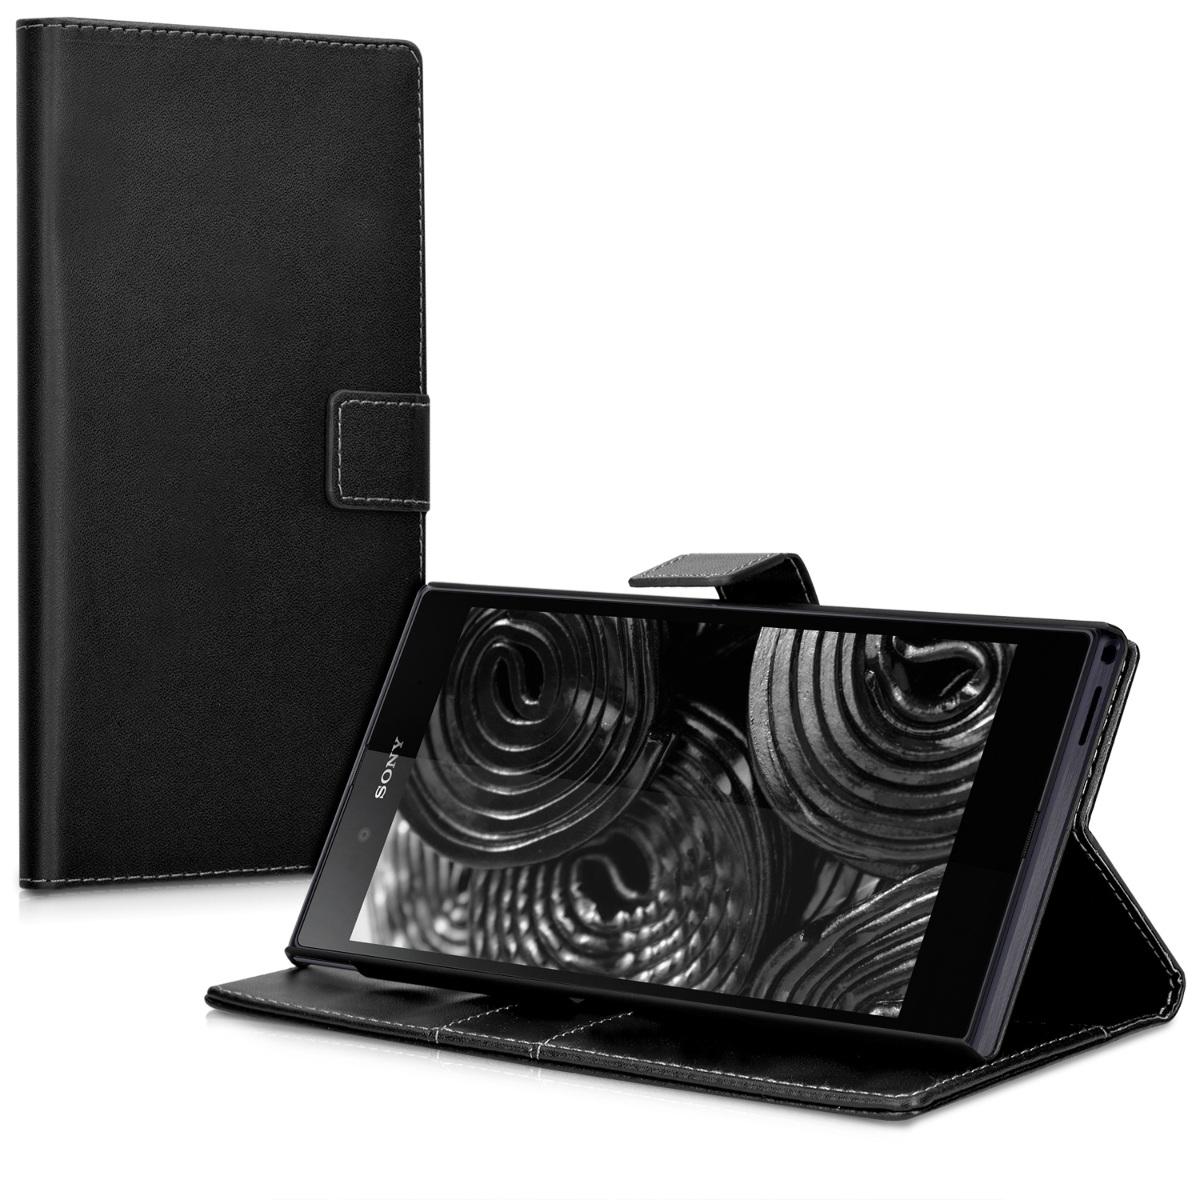 Flipové pouzdro pro Sony Xperia Z Ultra XL39H černé